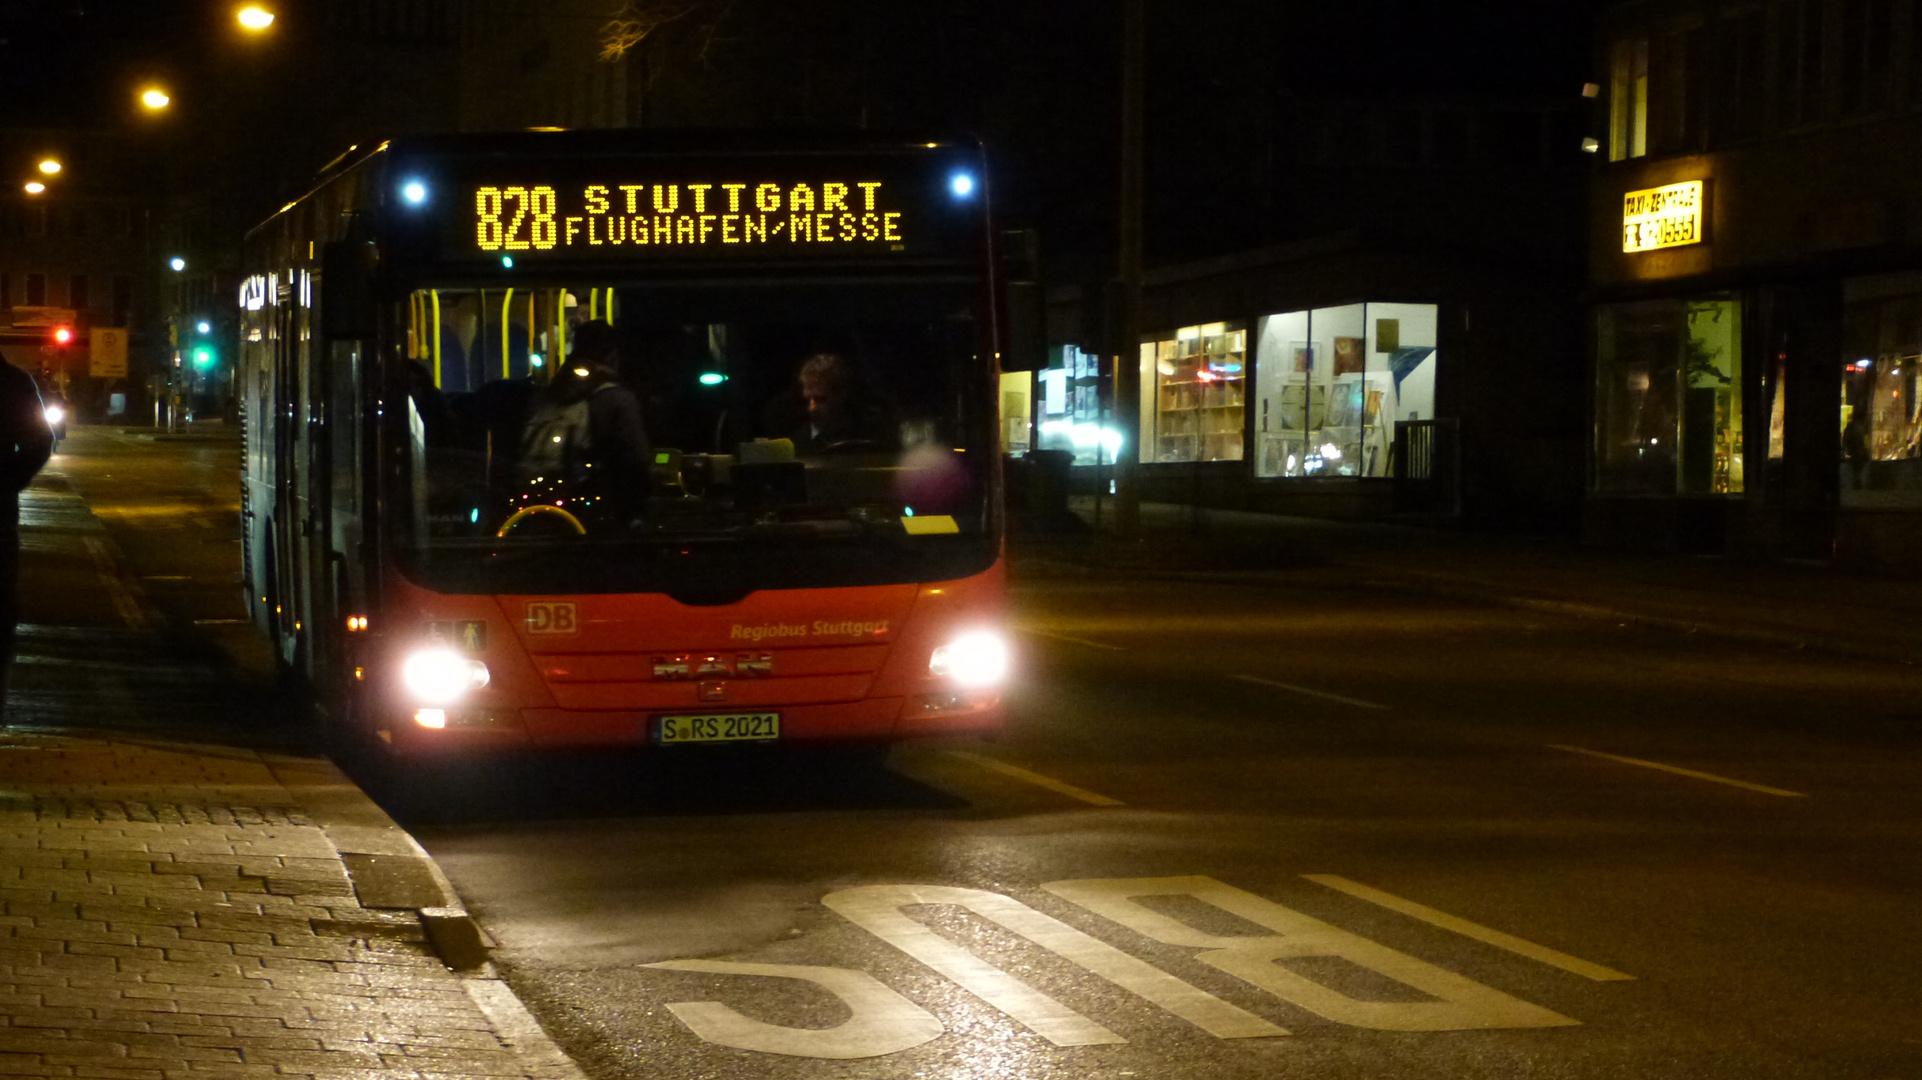 Bus 828 nach Flughafen